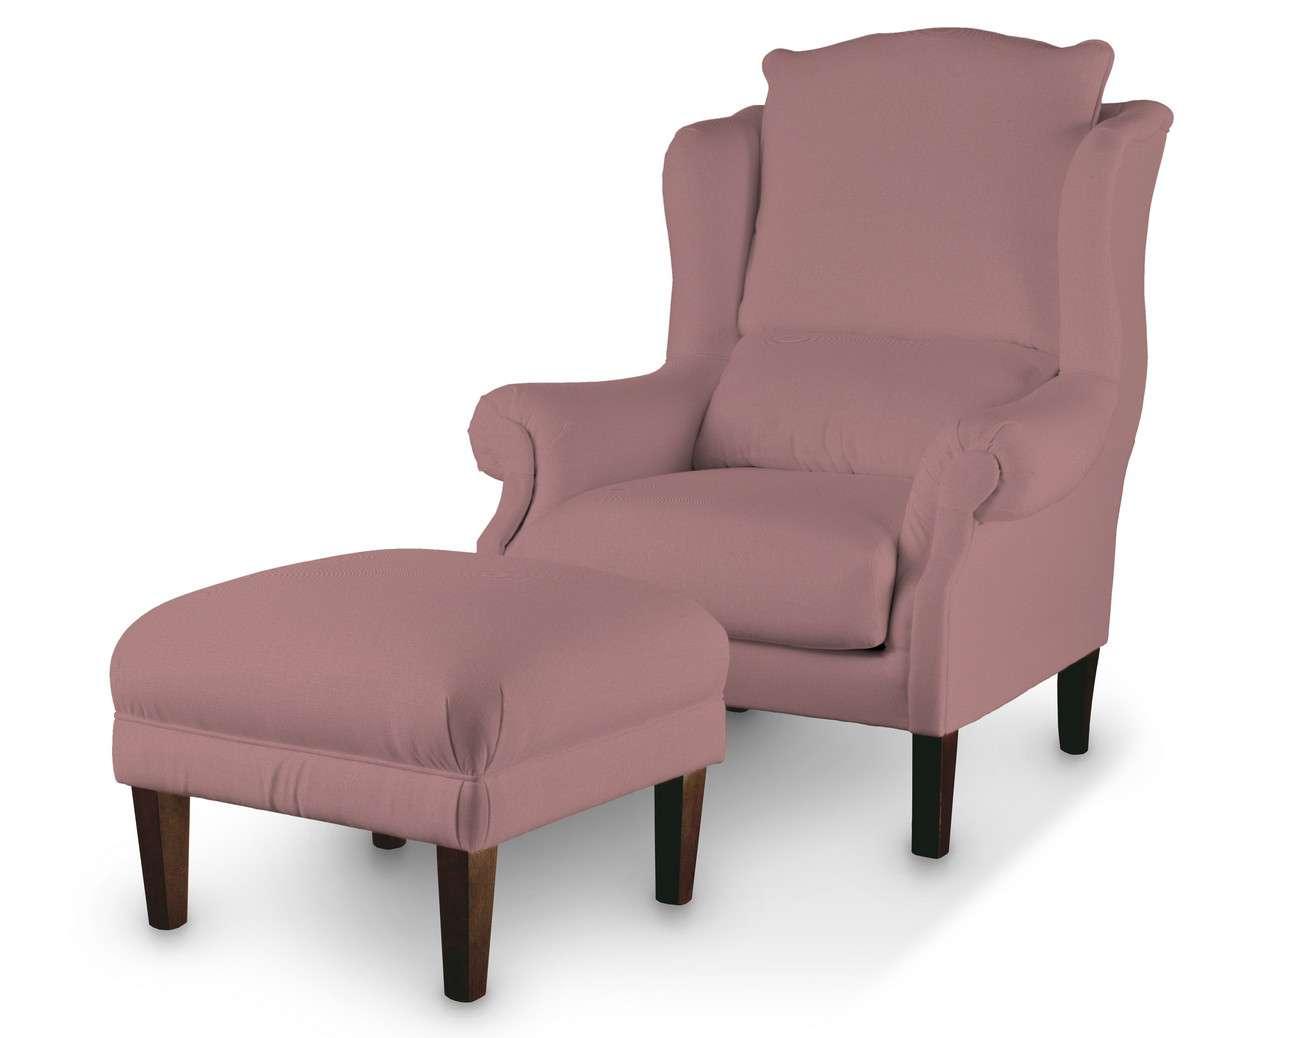 Podnóżek do fotela w kolekcji Cotton Panama, tkanina: 702-43